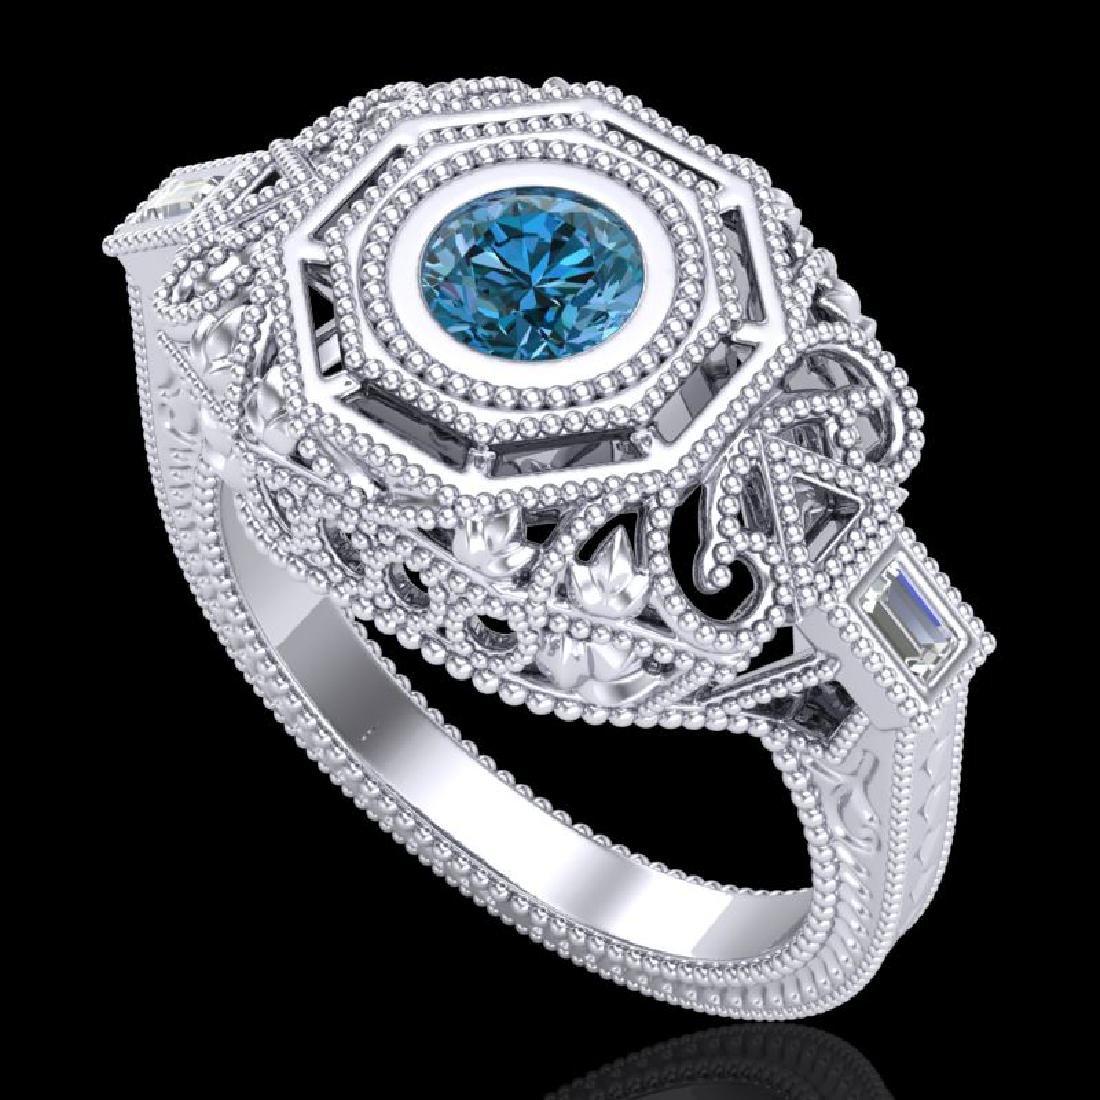 0.75 CTW Fancy Intense Blue Diamond Solitaire Art Deco